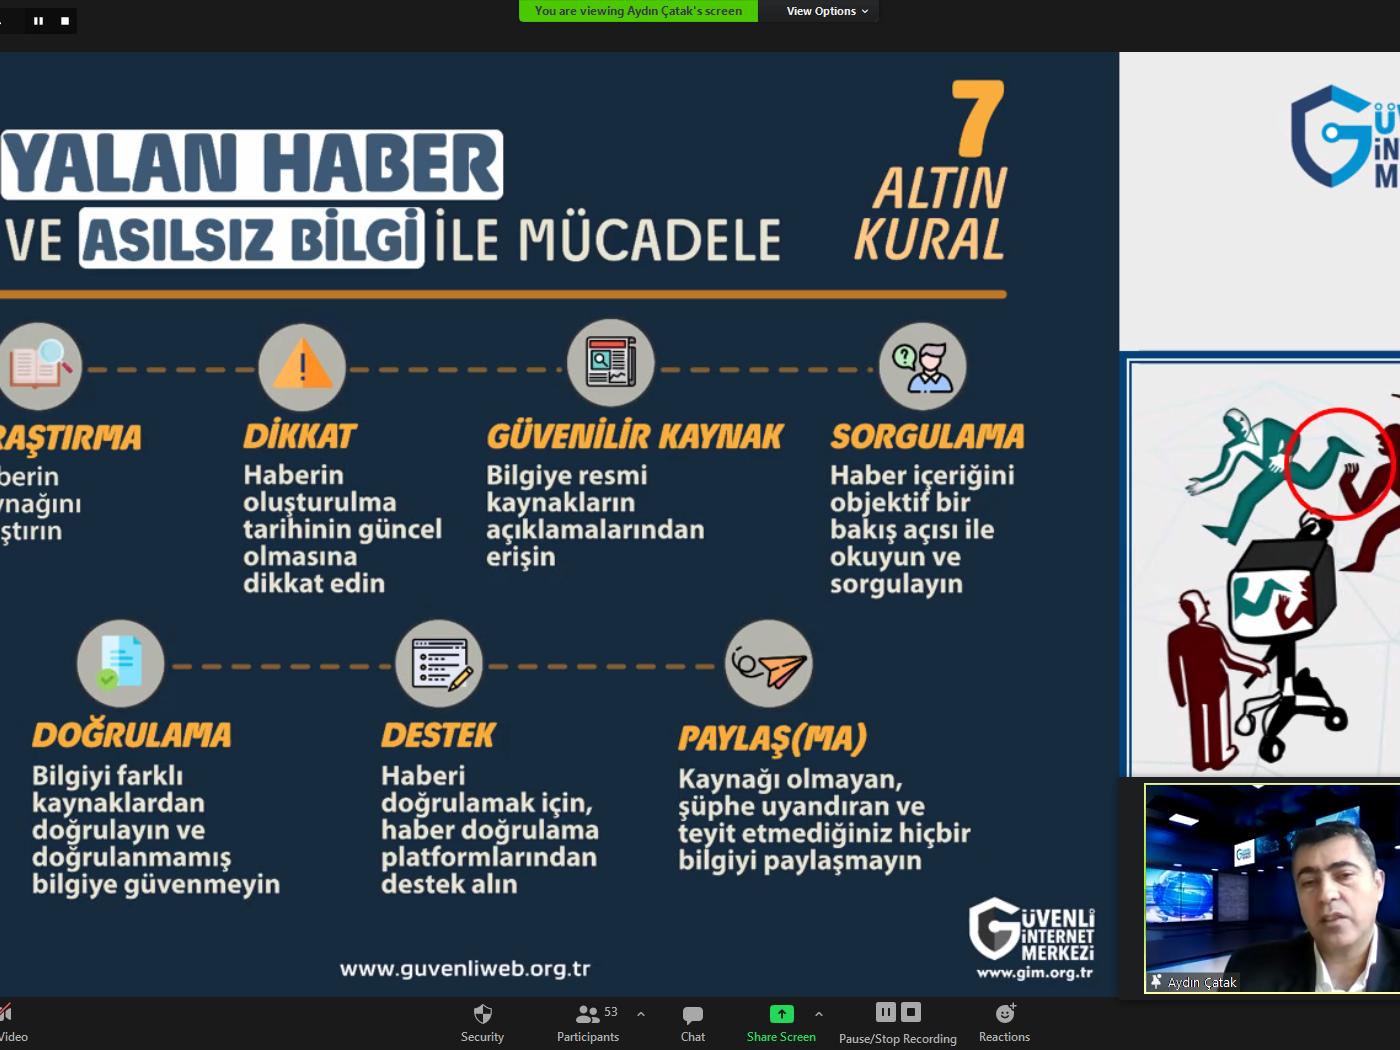 İzmir Karşıyaka Aydoğan Yağcı Bilim ve Sanat Merkezi Öğretmenlerine ve Velilerine Yönelik Online Eğitim